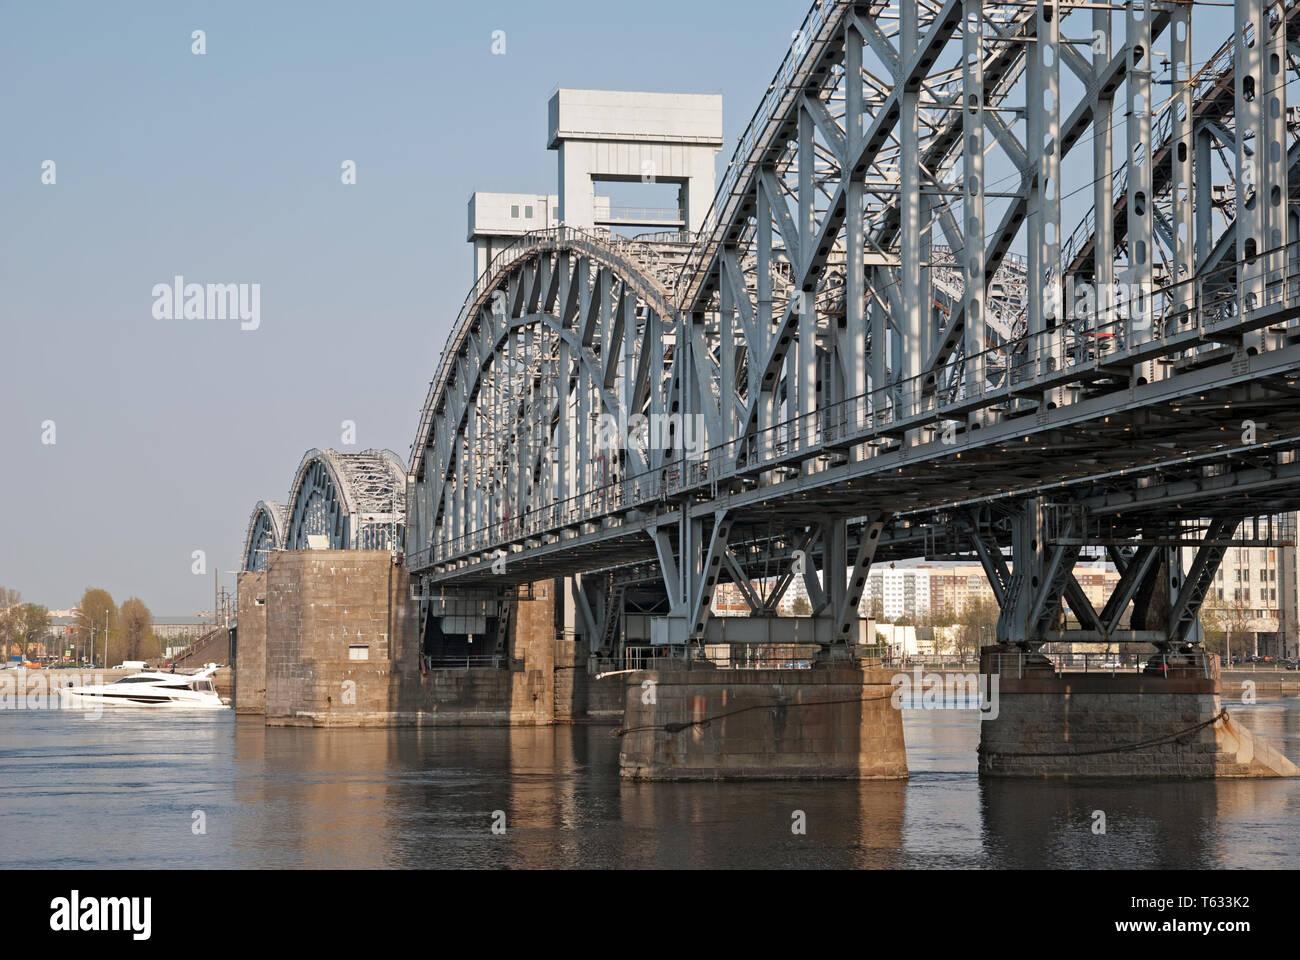 San Petersburgo, Rusia - Abril 26, 2019: un pequeño barco blanco sobre el río Neva, cerca de la Finlandia de un puente de ferrocarril en San Petersburgo Foto de stock